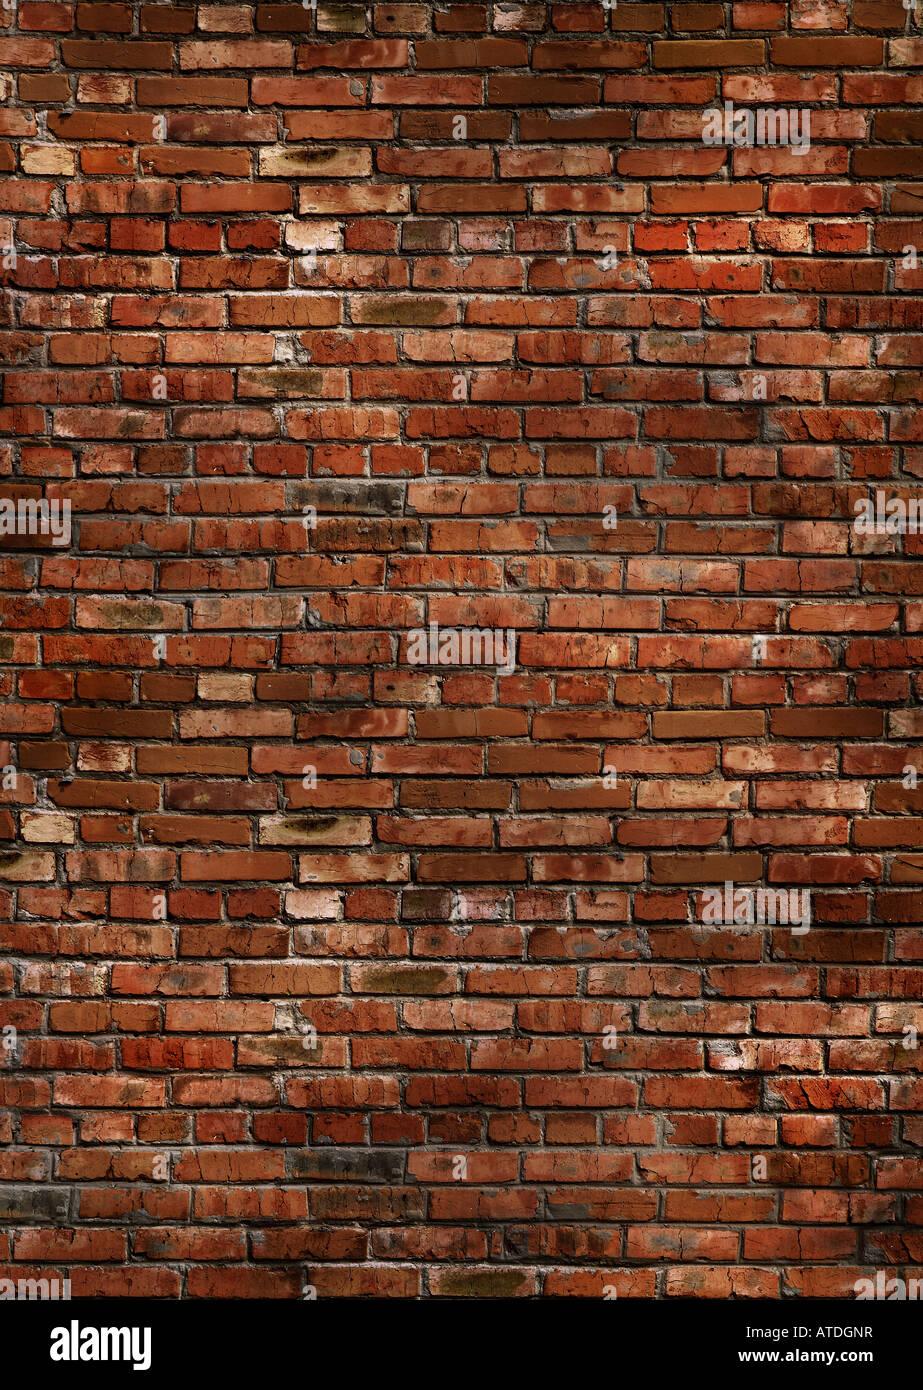 Di mattoni rosso scuro texture a parete Immagini Stock